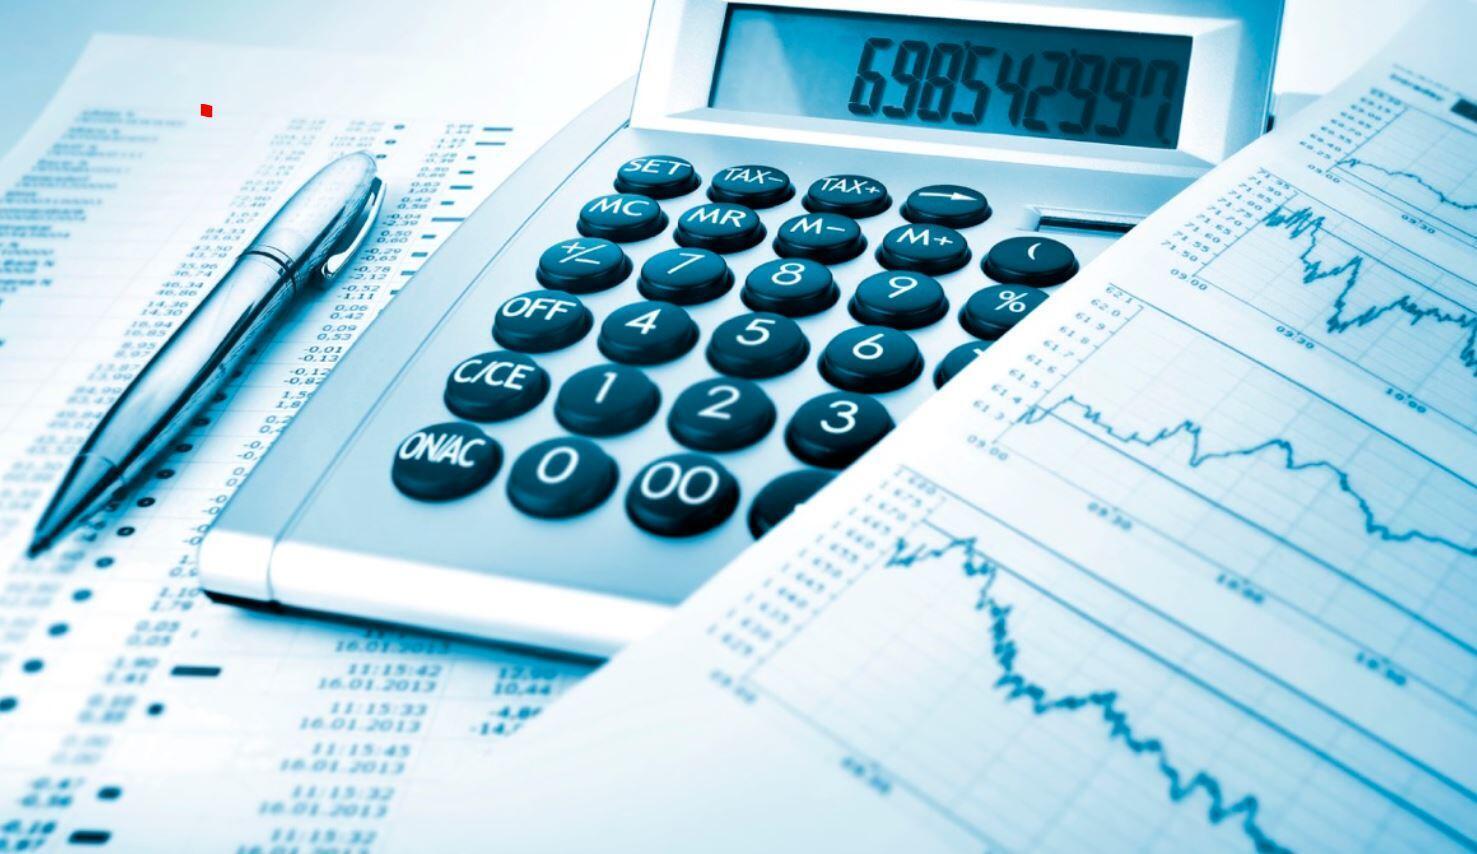 Tax Rebate Image